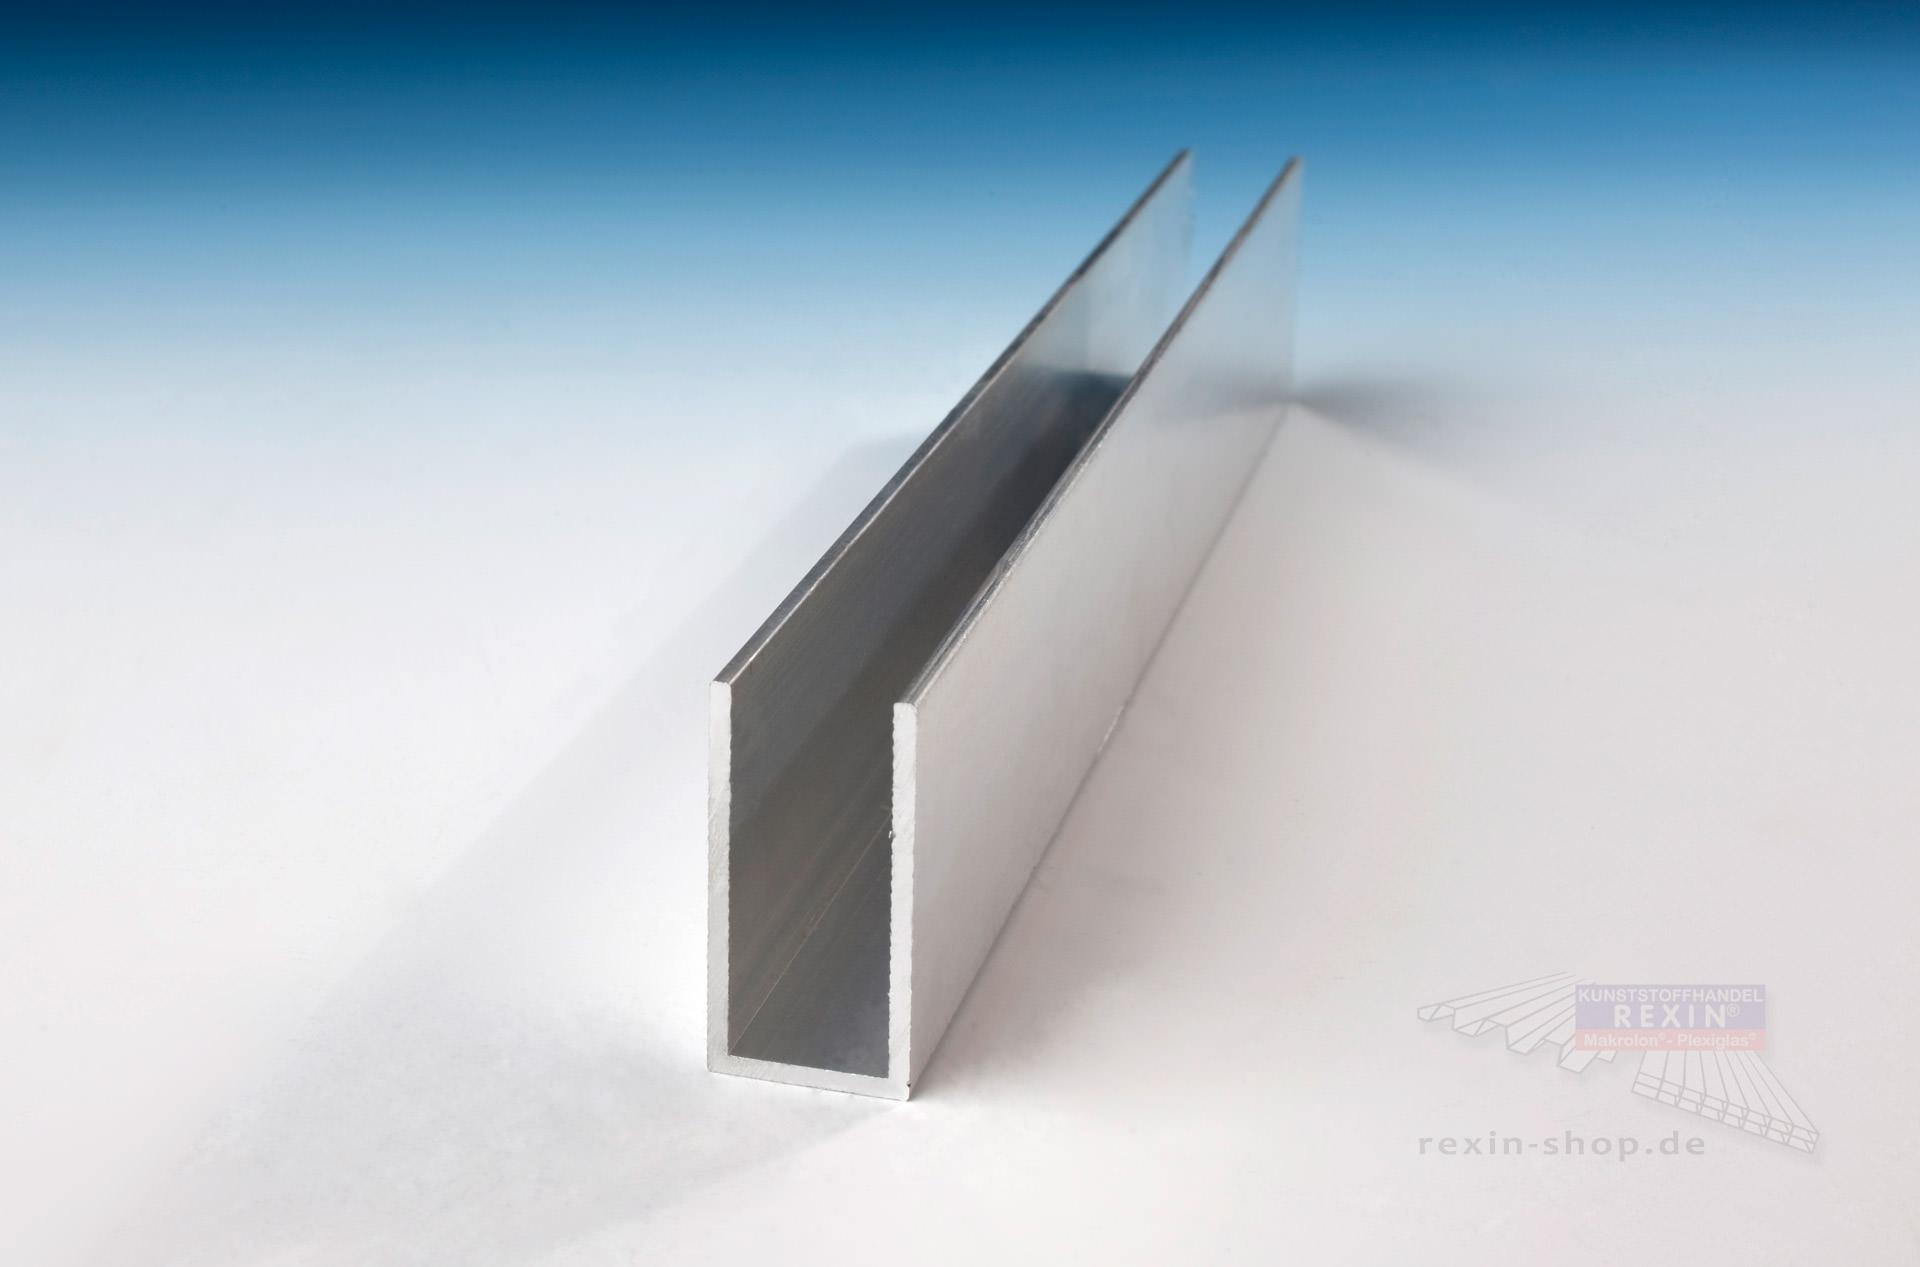 Aluminium U Profil 40mm X 20mm X 40mm X 2mm Pressblank